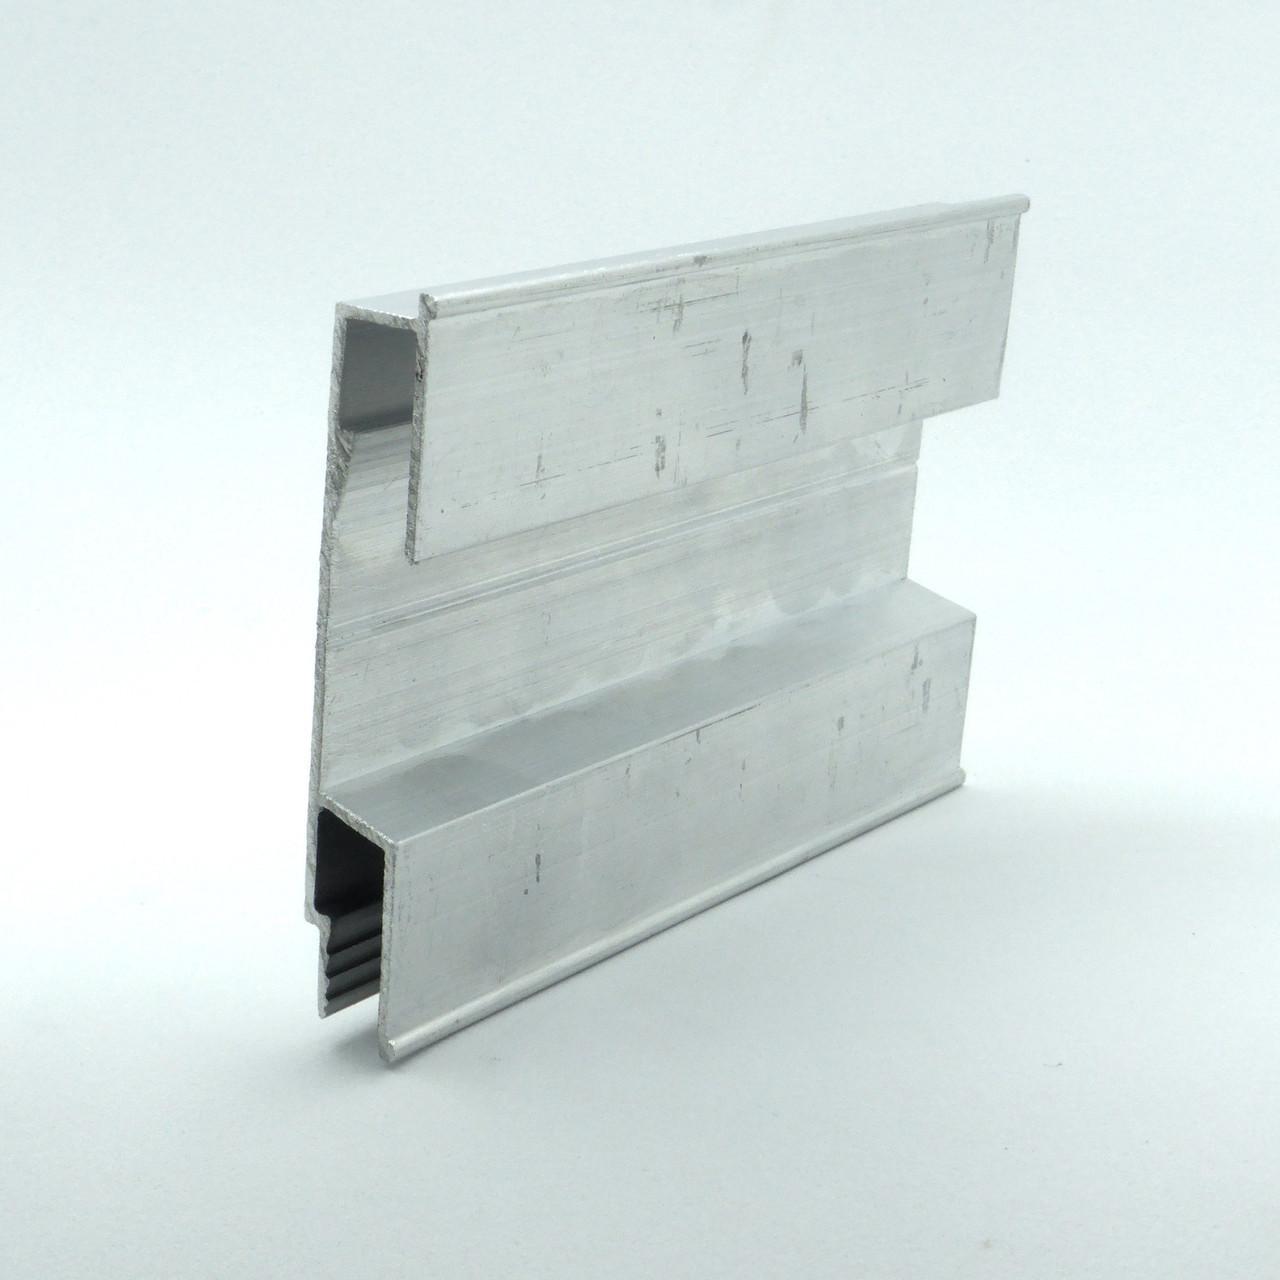 Профиль алюминиевый - 3D, для создания объемных изображений. Длина профиля 2,5 м.